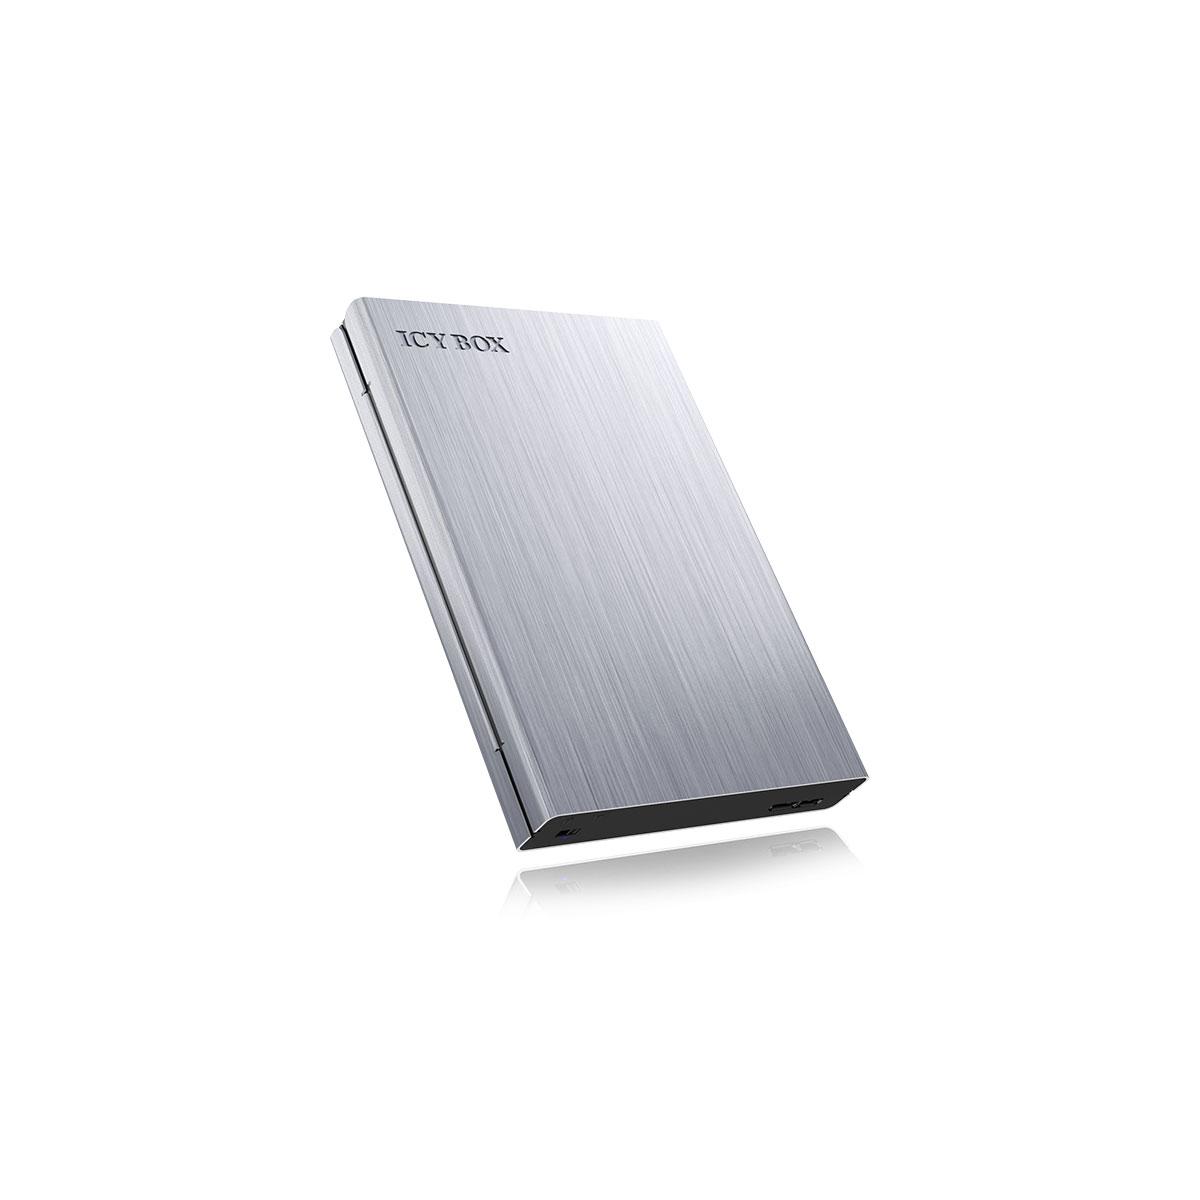 """Boîtier disque dur ICY BOX IB-241WP Boîtier pour disque 2.5"""" Serial ATA sur ports USB 3.0 avec protection des données"""